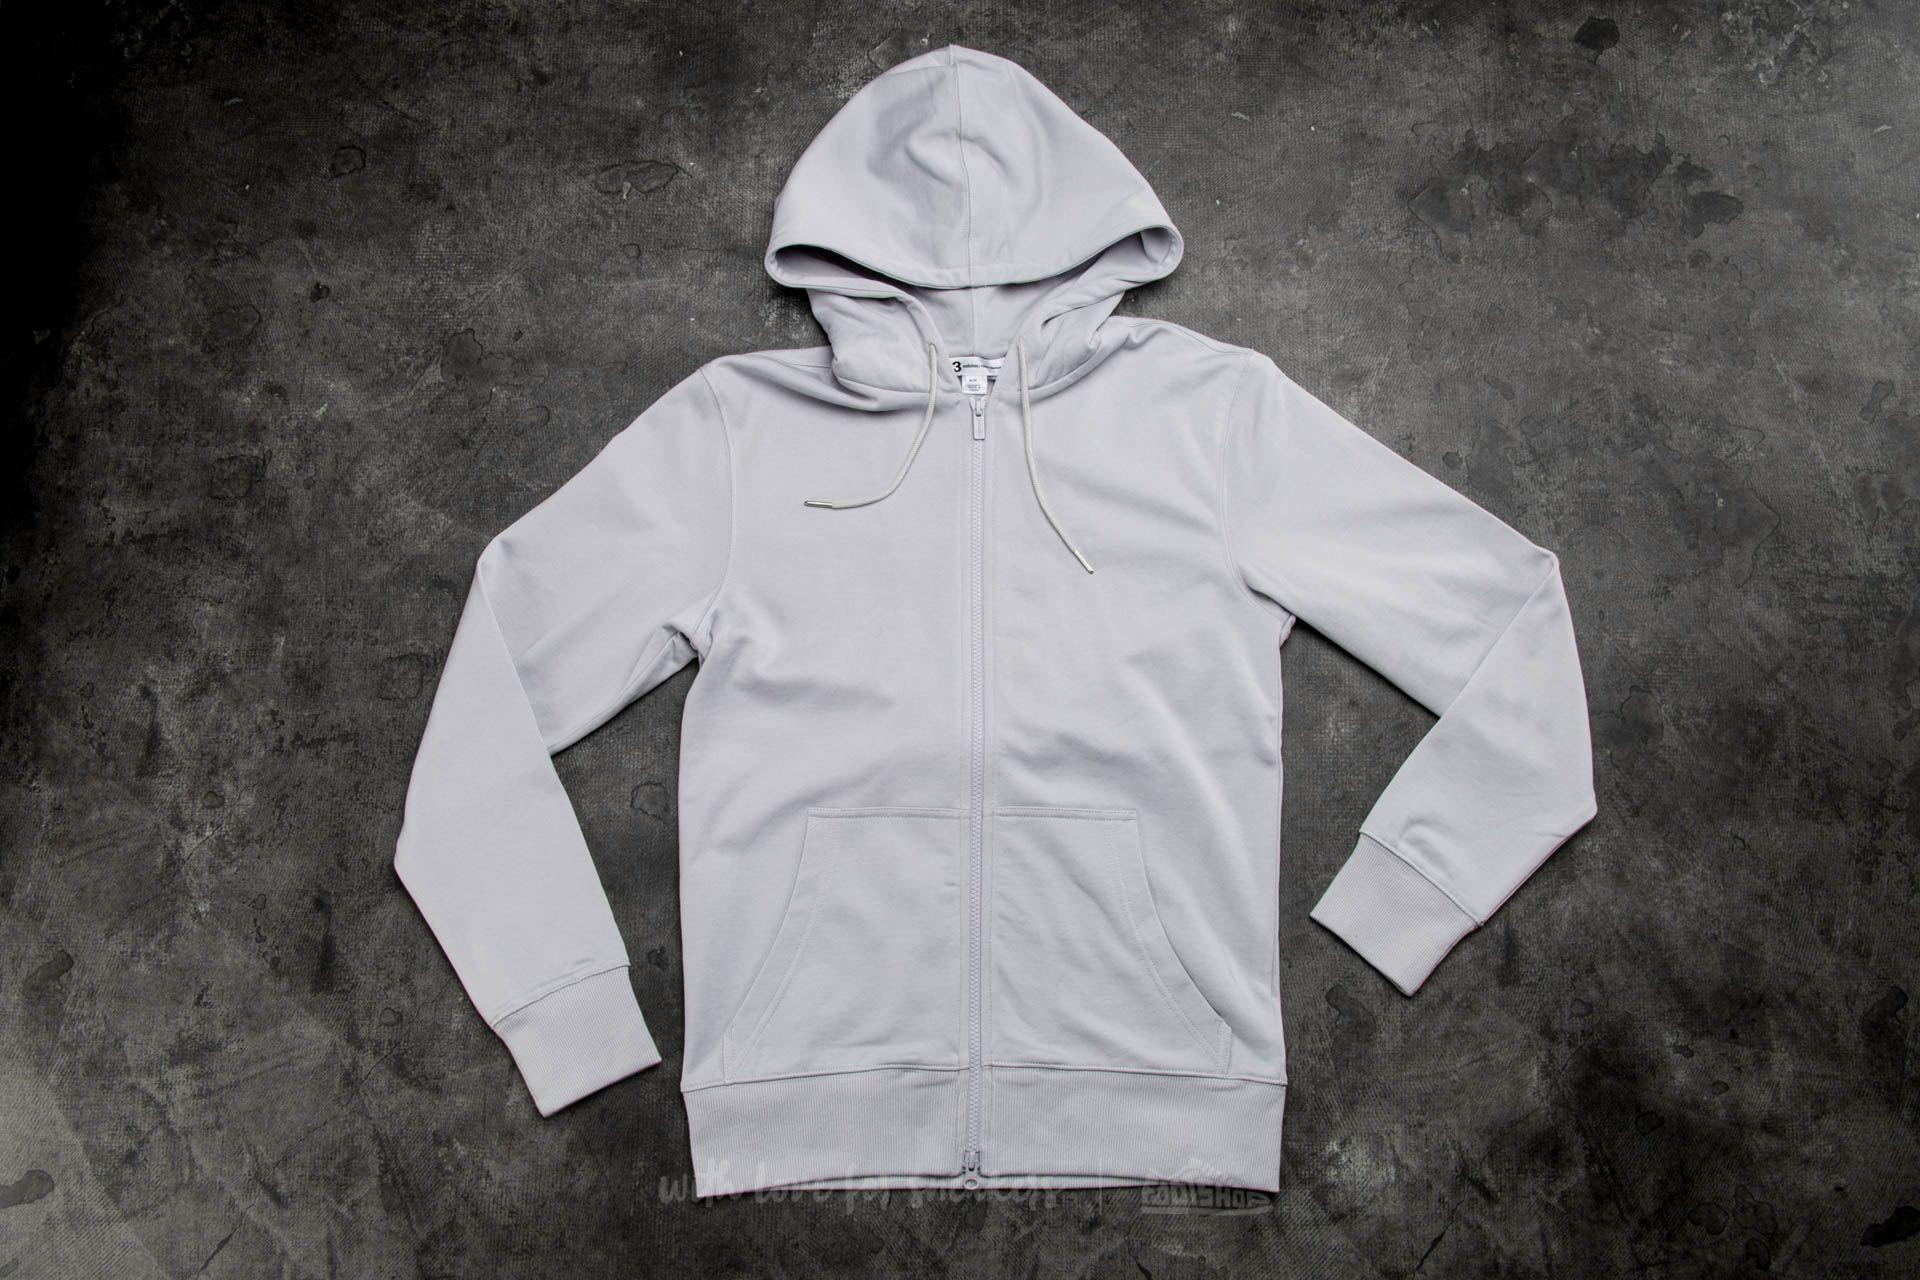 Y-3 Classic Sweat Zip-Up Hoody Light Solid Grey - 12840